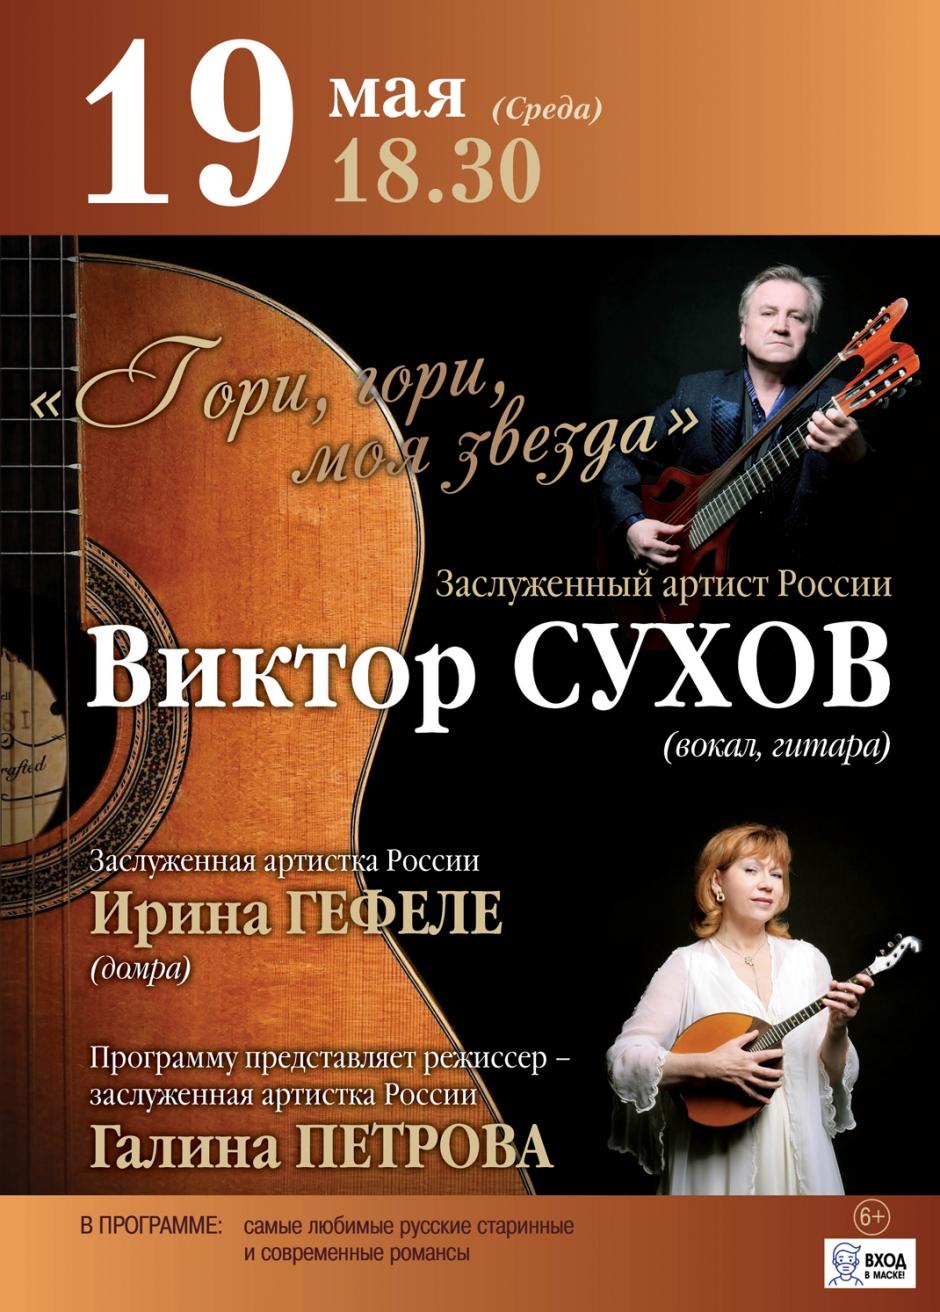 Романсы под гитару и домру приглашают послушать жителей Твери